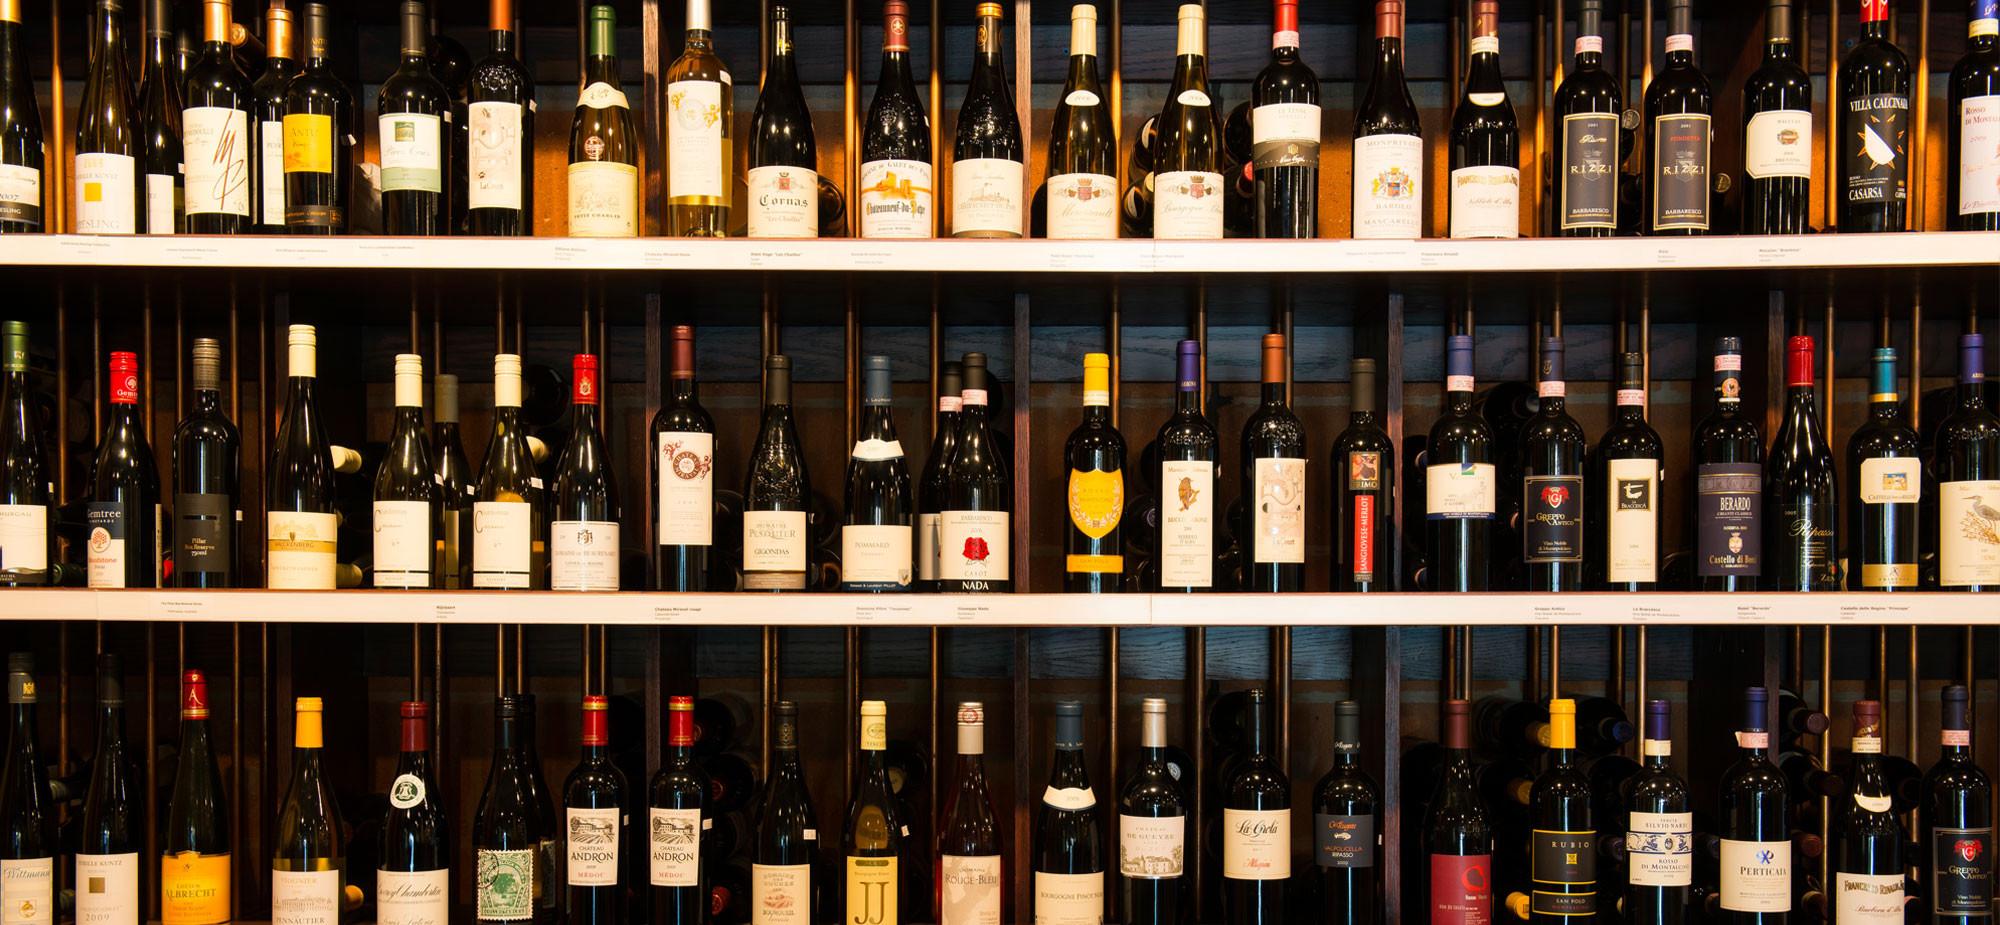 Điều kiện và hồ sơ xin cấp giấy phép kinh doanh bán lẻ rượu